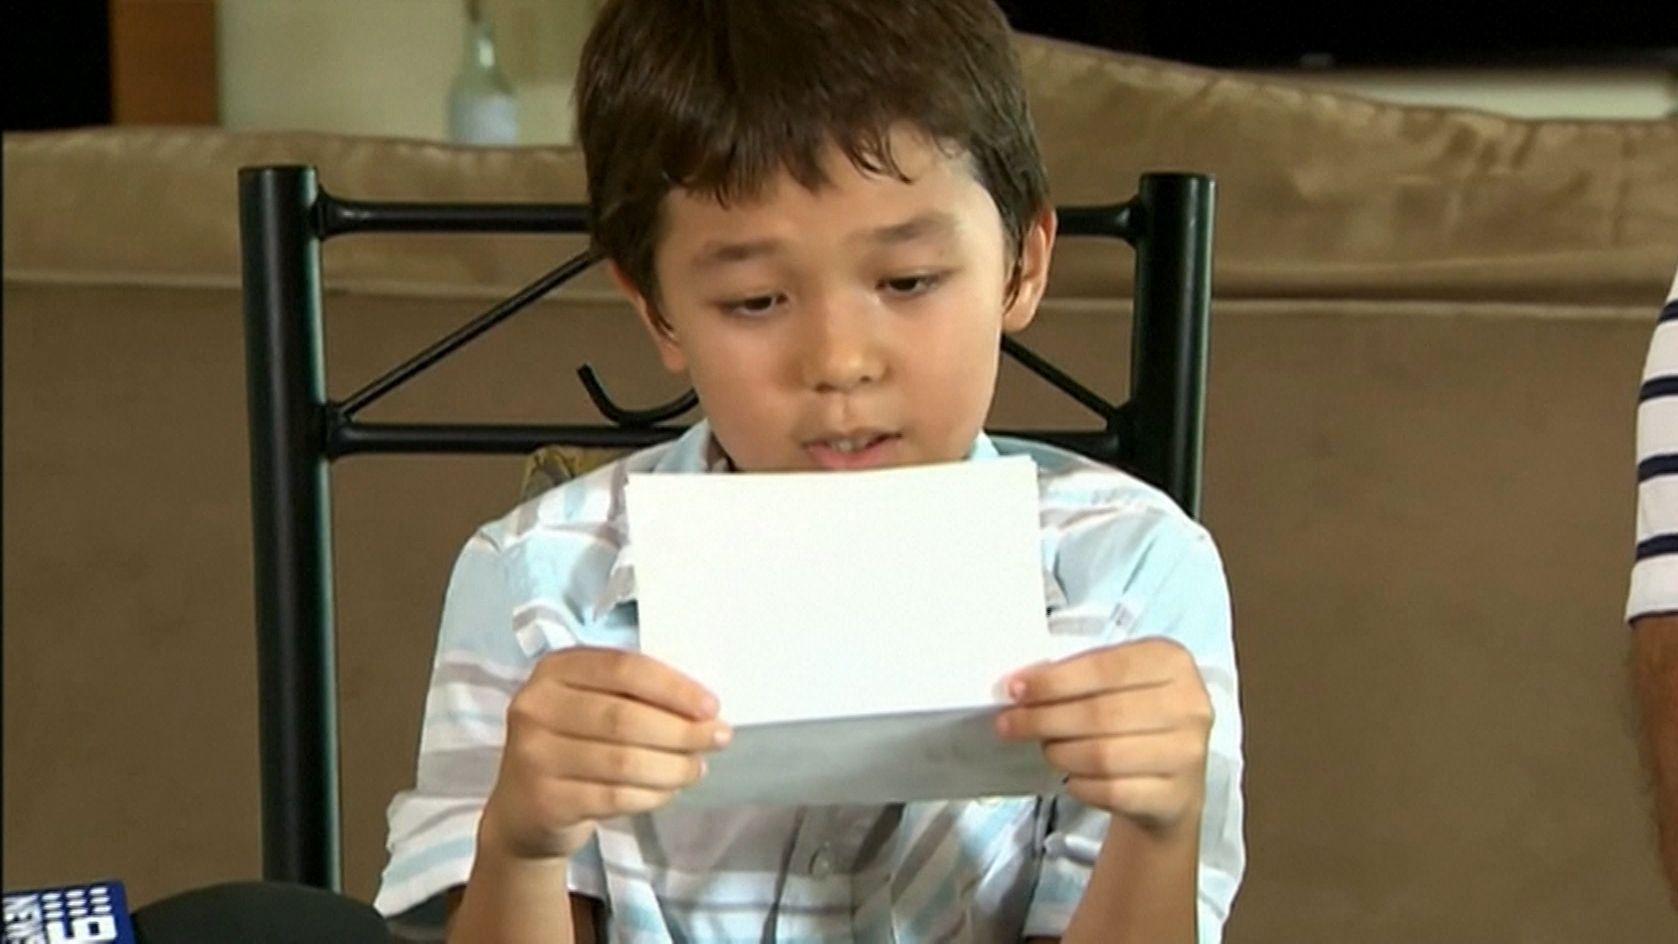 Der achtjährige Corona aus Australien liest einen Brief